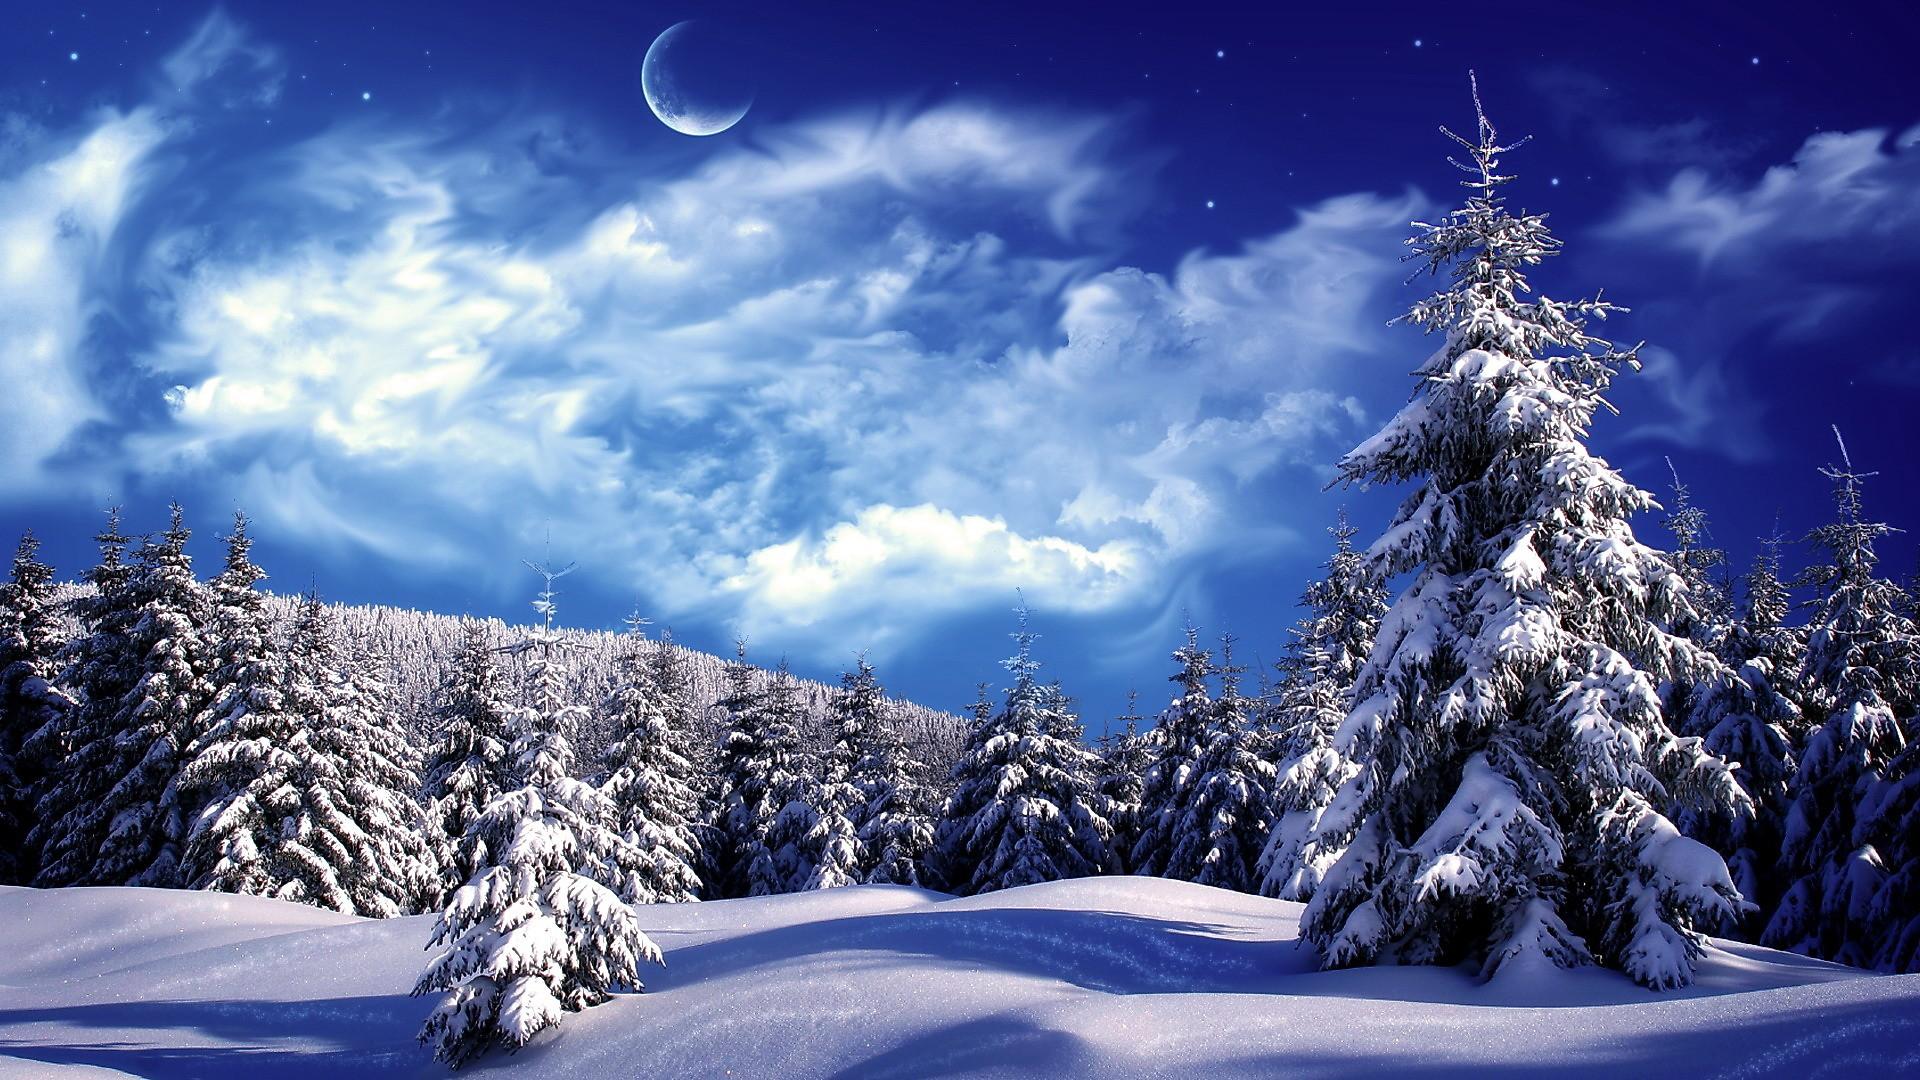 Snowy Winter Scenes Wallpaper   Snowy wonderland, mountain, scene, sky, snow ,